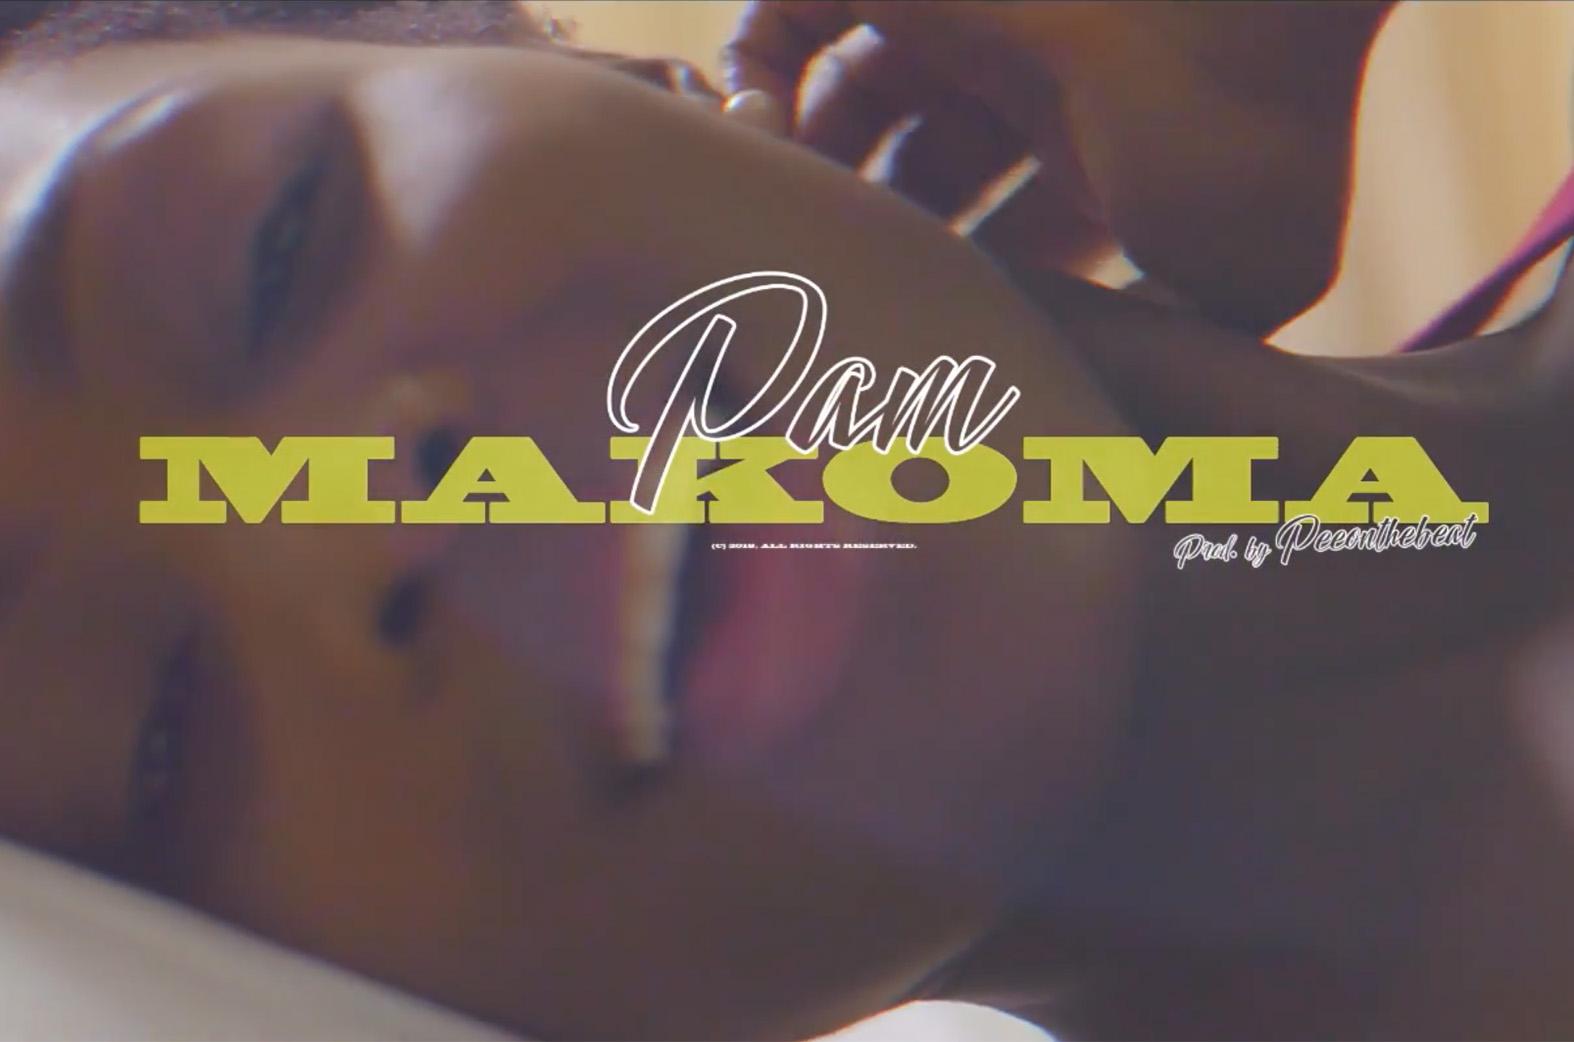 Video: Makoma by Pam